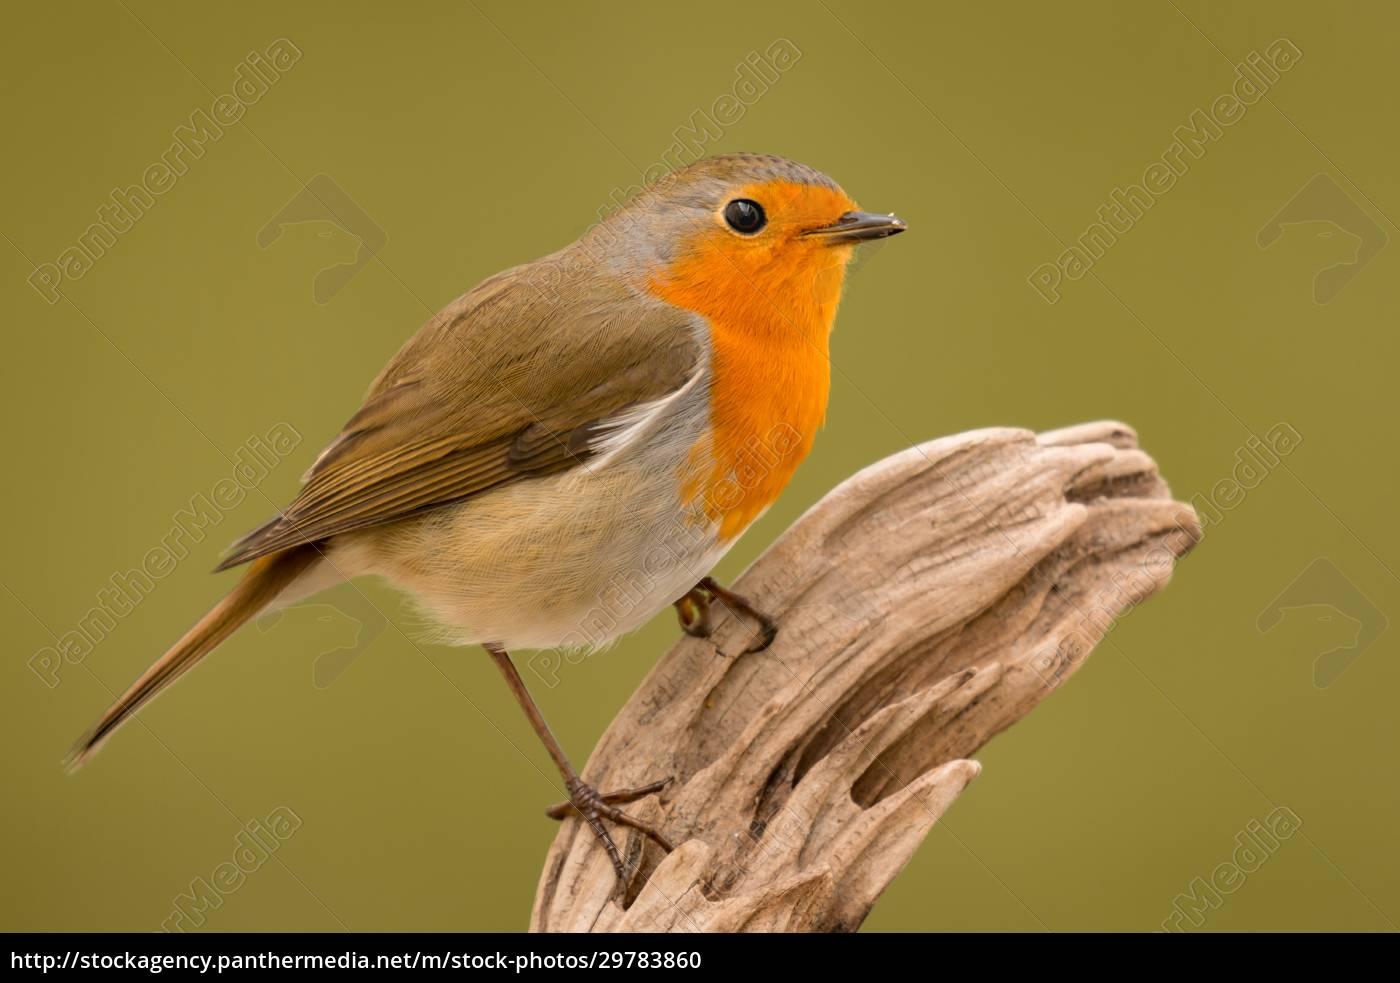 pretty, bird, with, a, nice, orange - 29783860